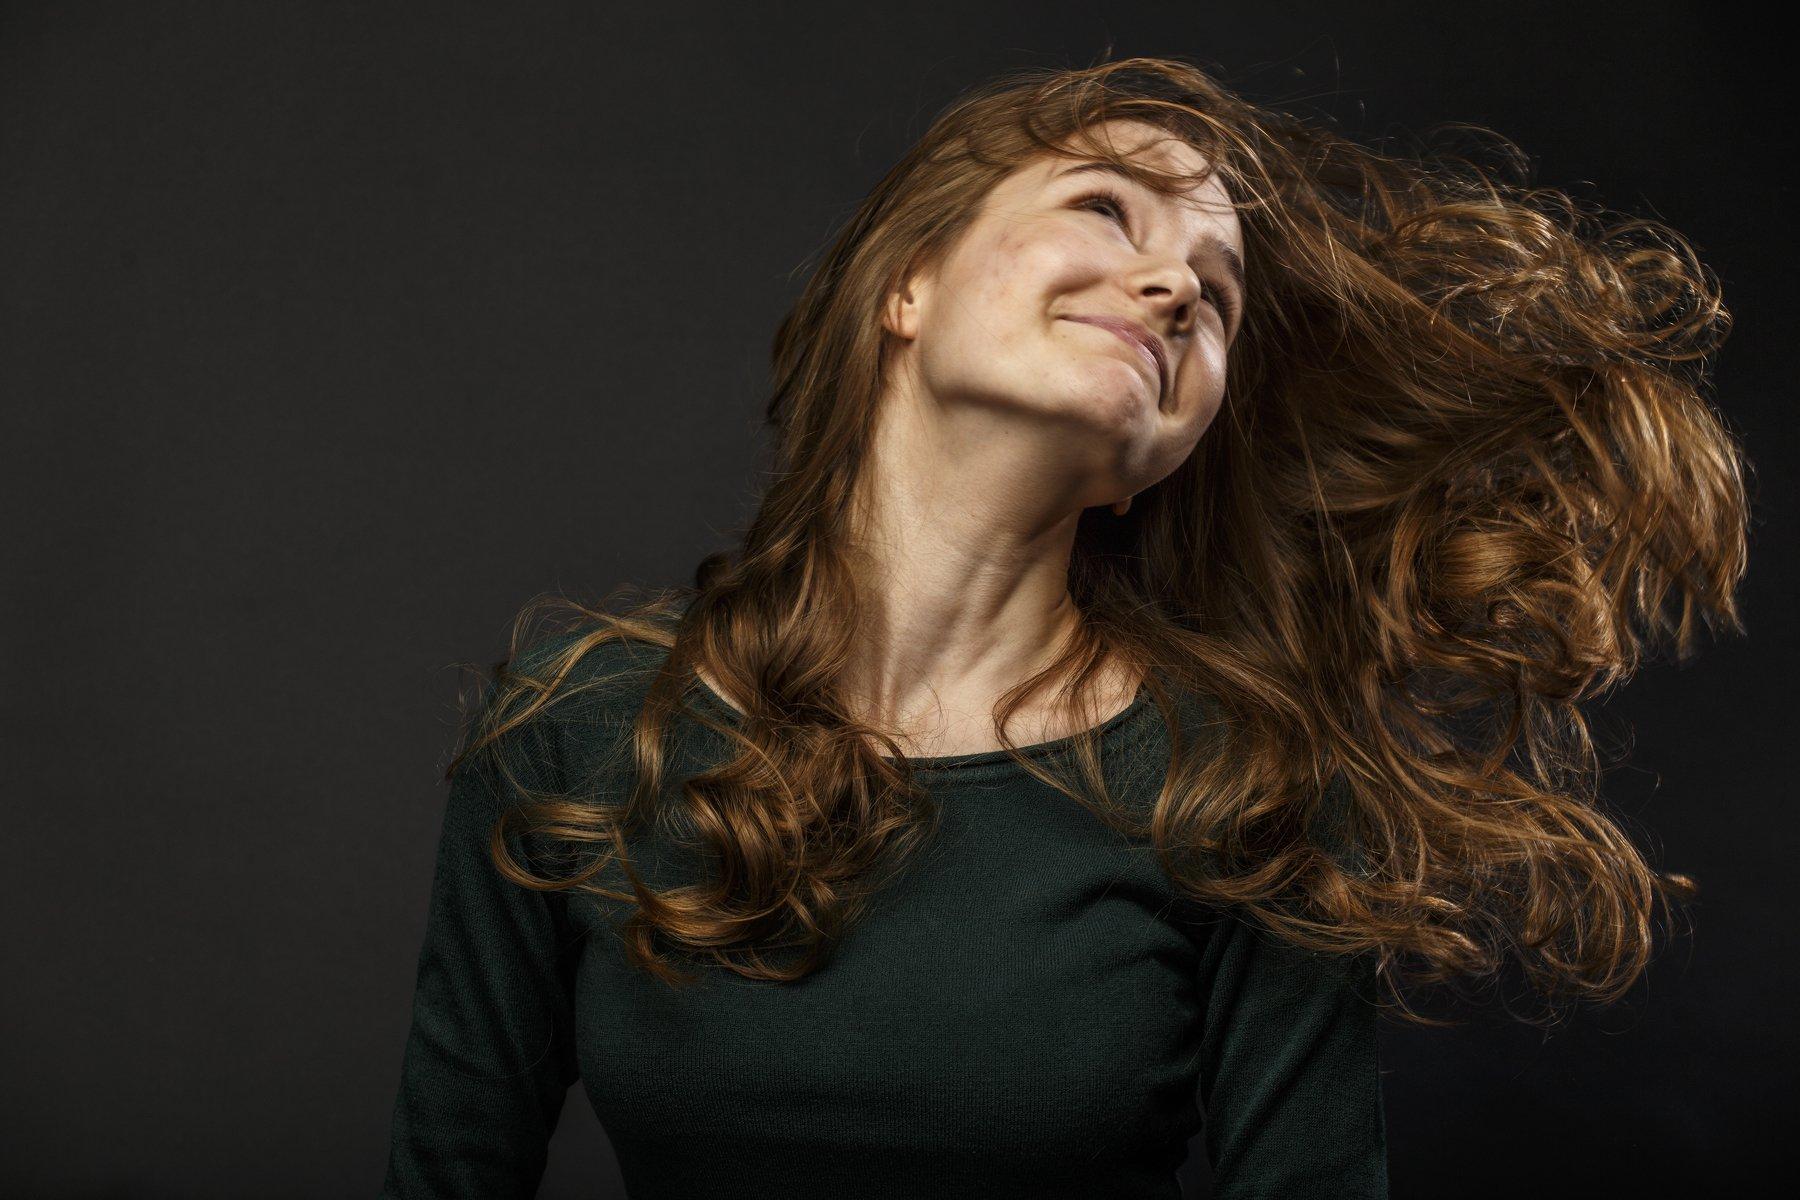 портрет девушка свет фото студия настроение, Zonder Alex